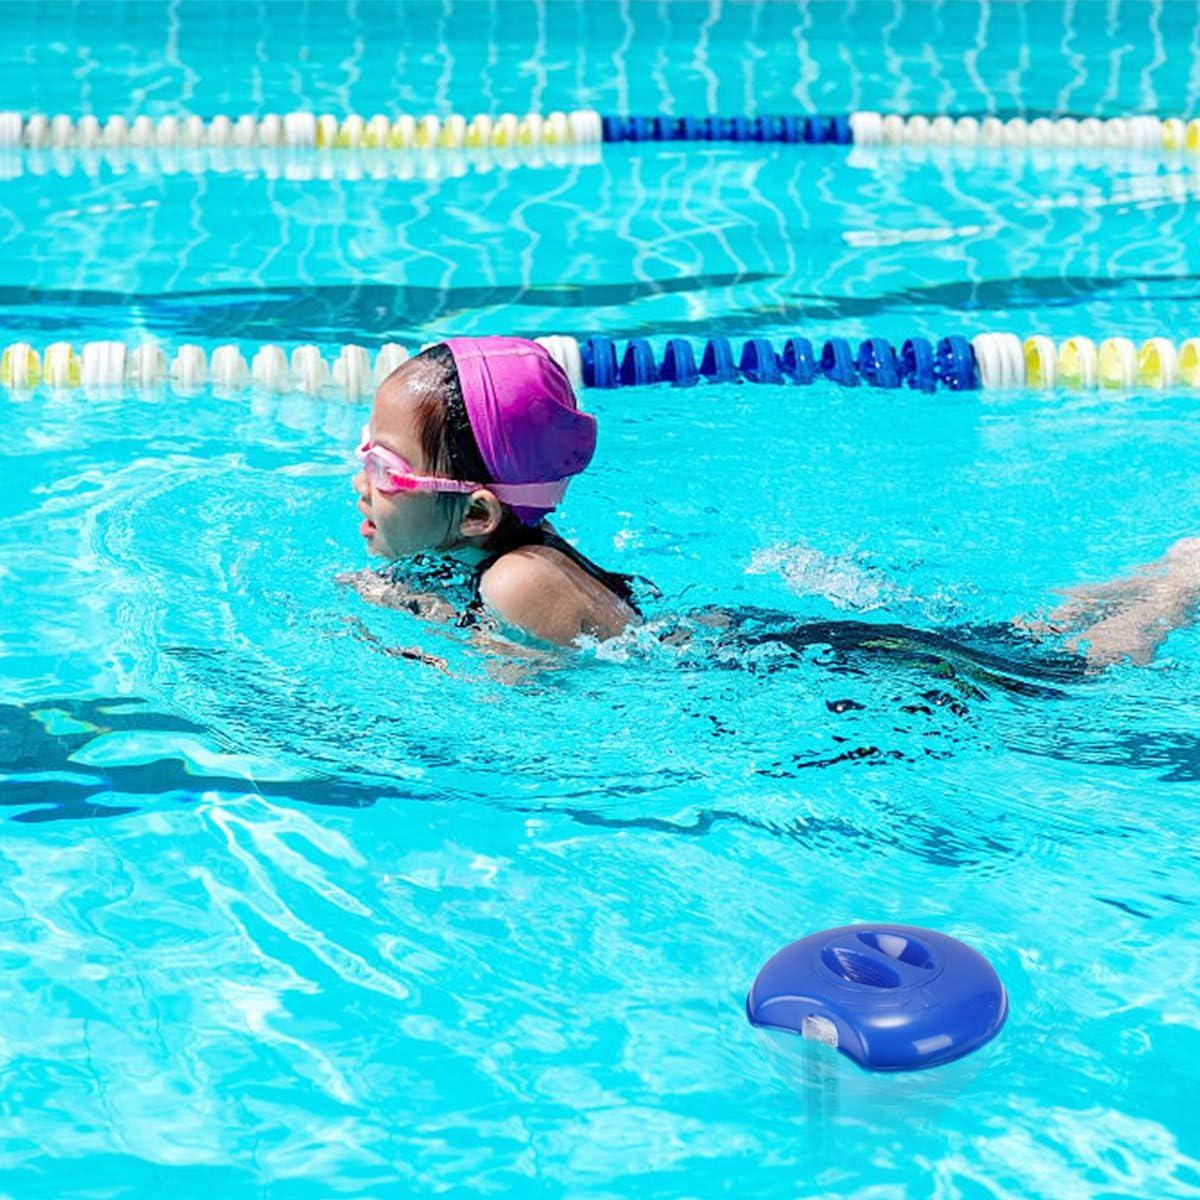 RenFox Pool Chlor Floater f/ür Chlortabletten Langlebiger Pool Chlor Tablet Floater,Geeignet zur Reinigung von Schwimmb/ädern Schwimmender Chlordiffusor mit Schwimmbadwasserthermometer Spas.2 St/ücke